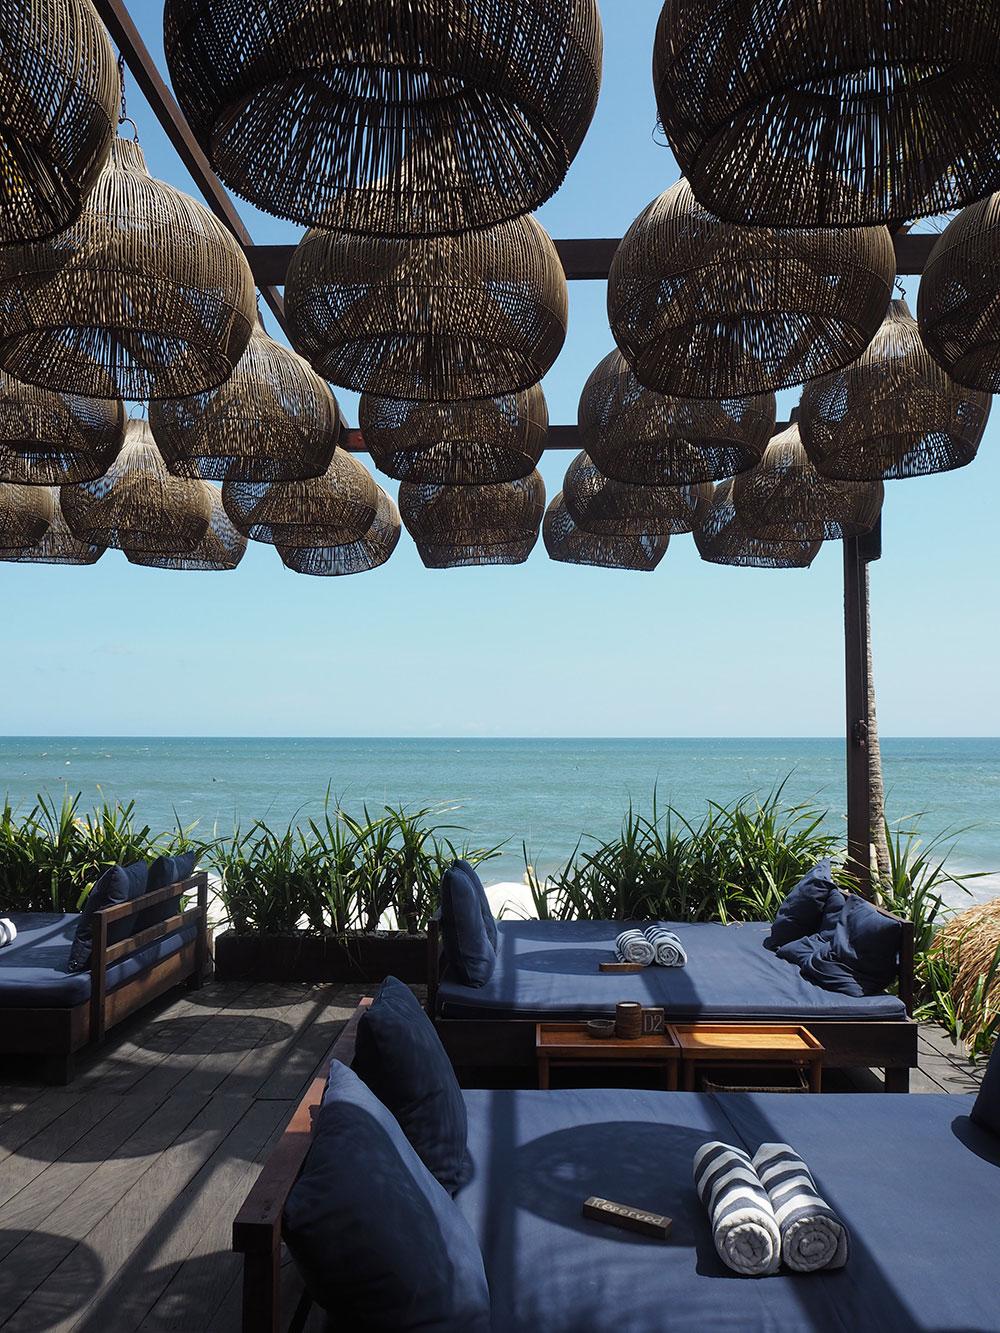 RosyCheeks-Bali-Canggu-The-Lawn